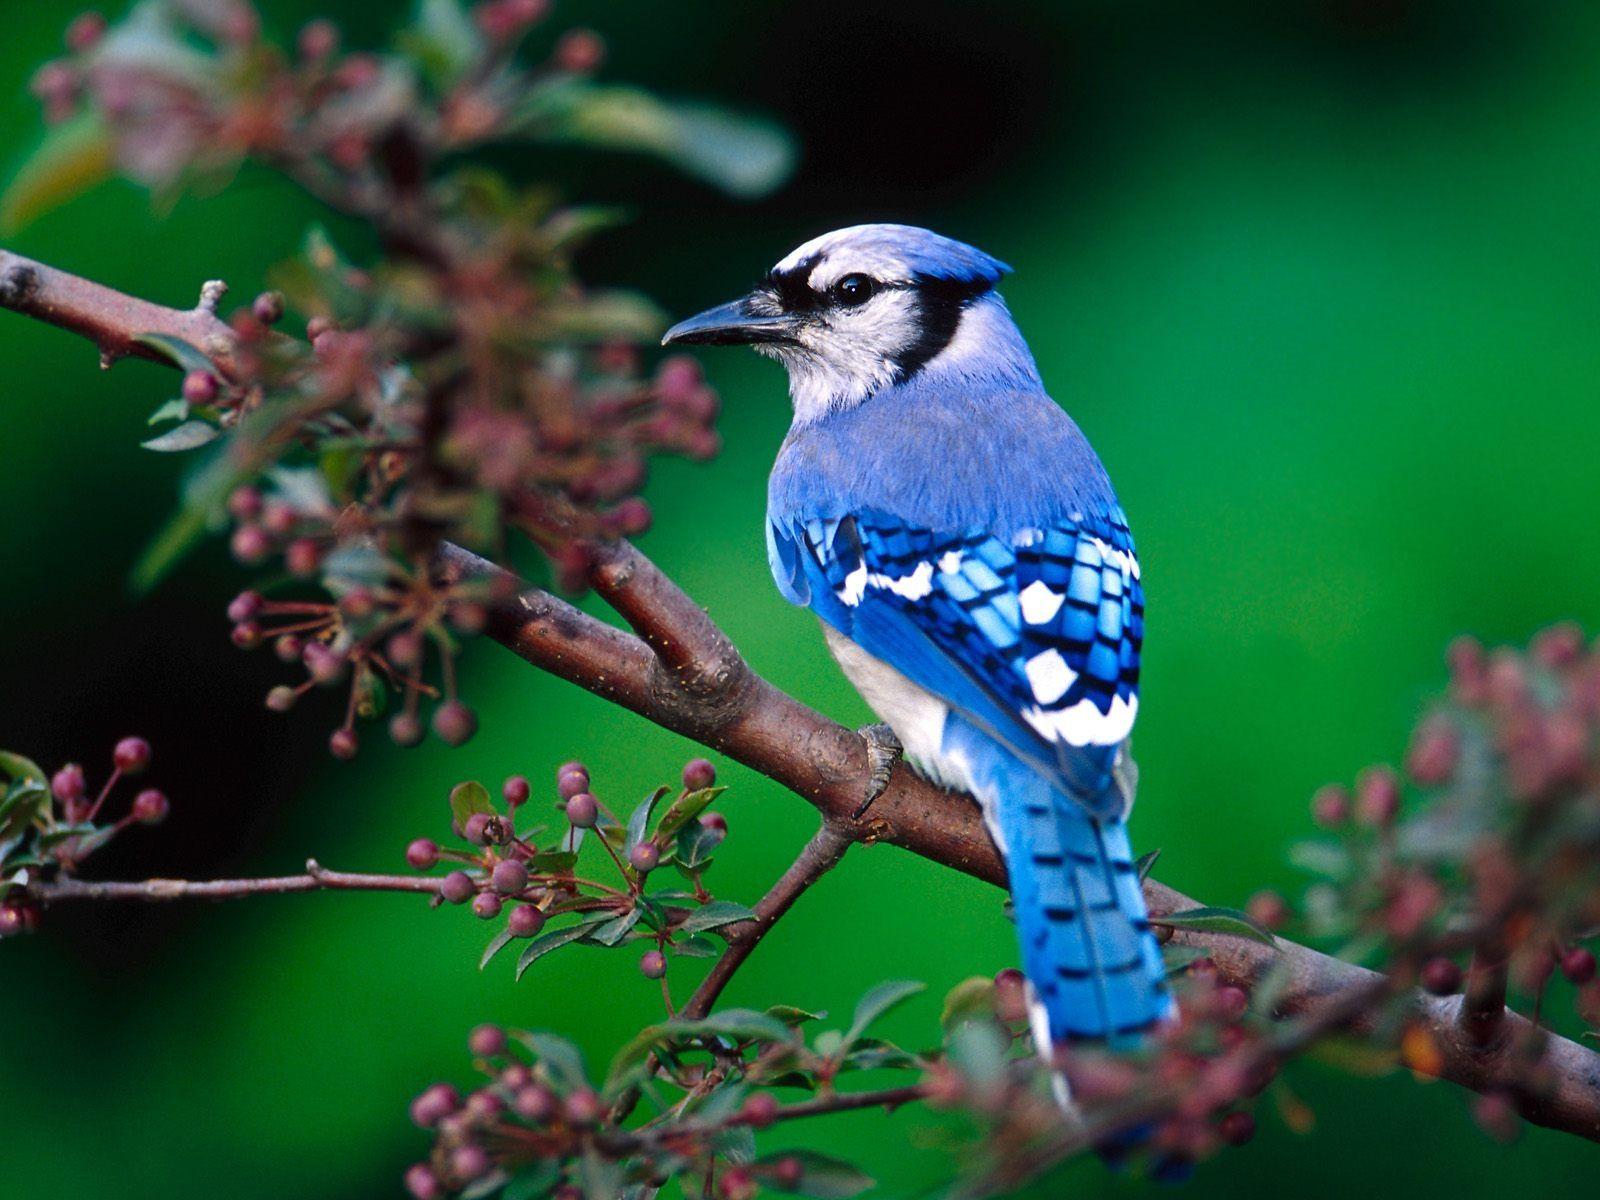 1600x1200 px free wallpapers love bird hd widescreen desktop rh pinterest at